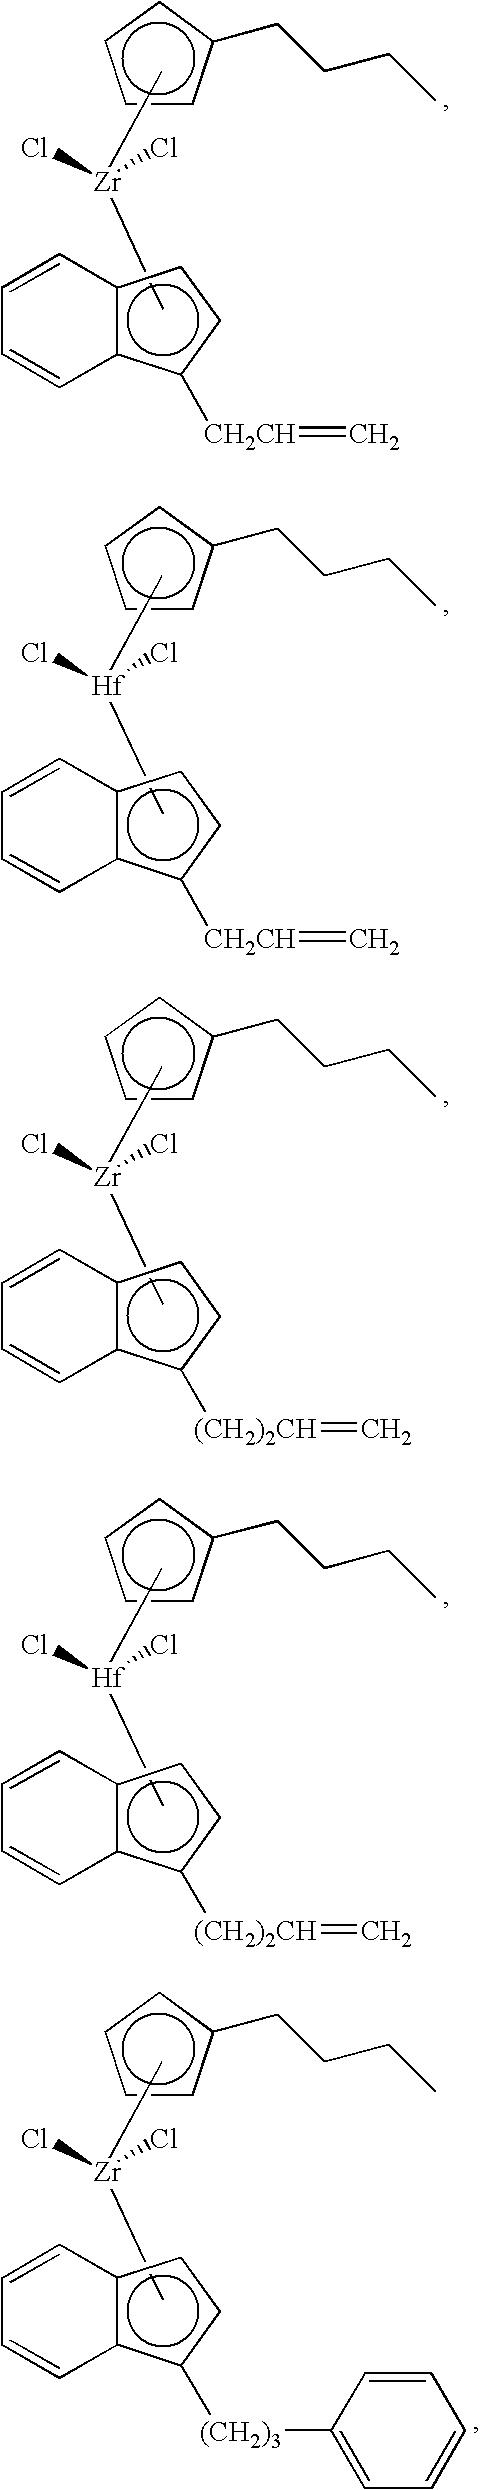 Figure US07619047-20091117-C00045